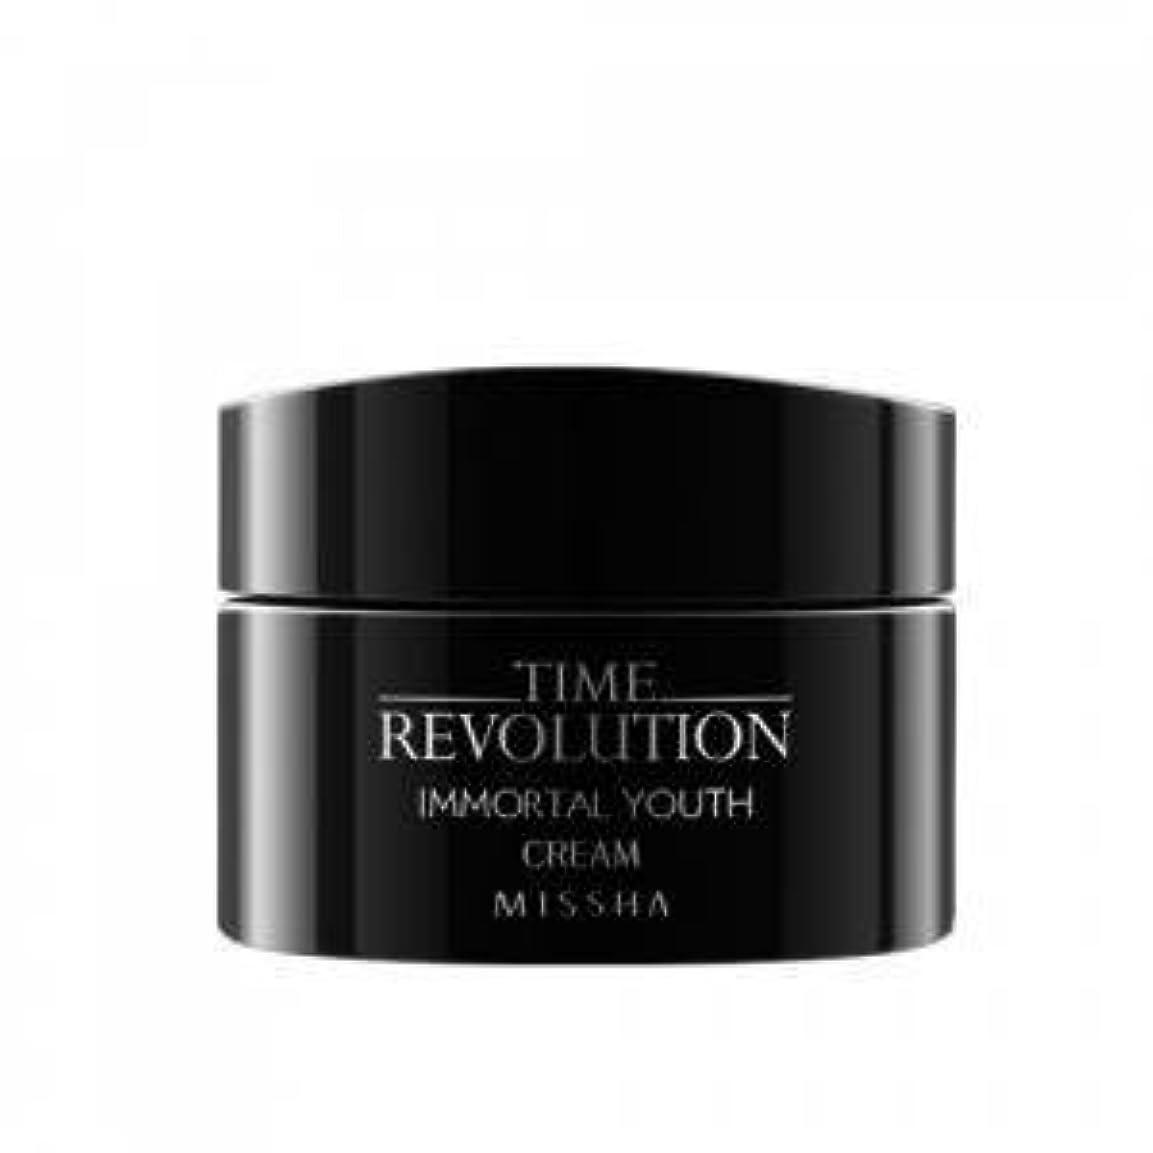 フォーラム狂った呼び起こす【MISSHA (ミシャ)】 Time Revolution Immortal Youth Cream タイムレボリューション イモータルユース クリーム